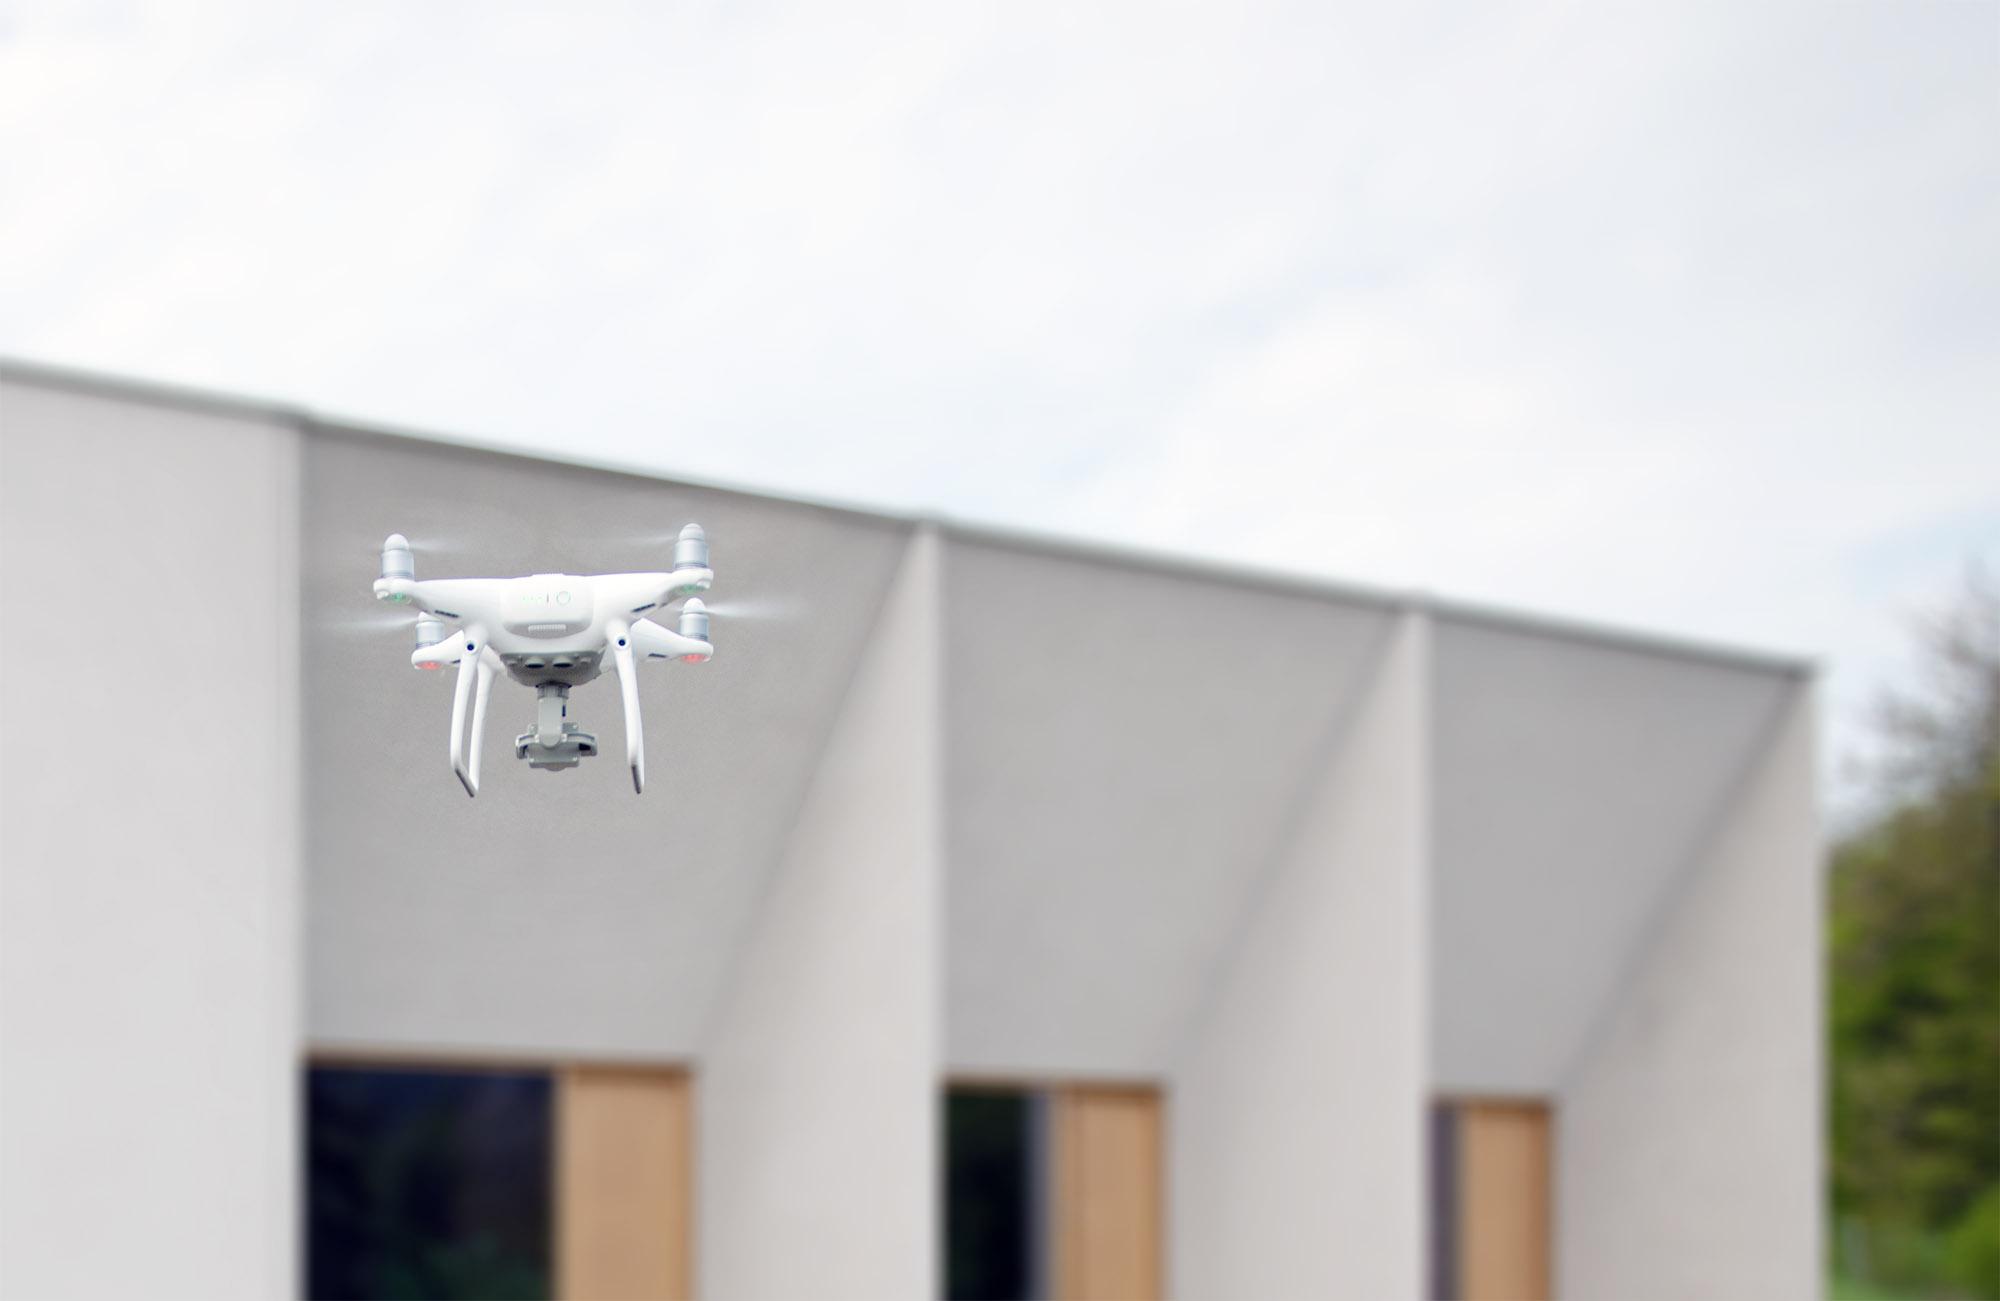 Drohnenaufnahmen.